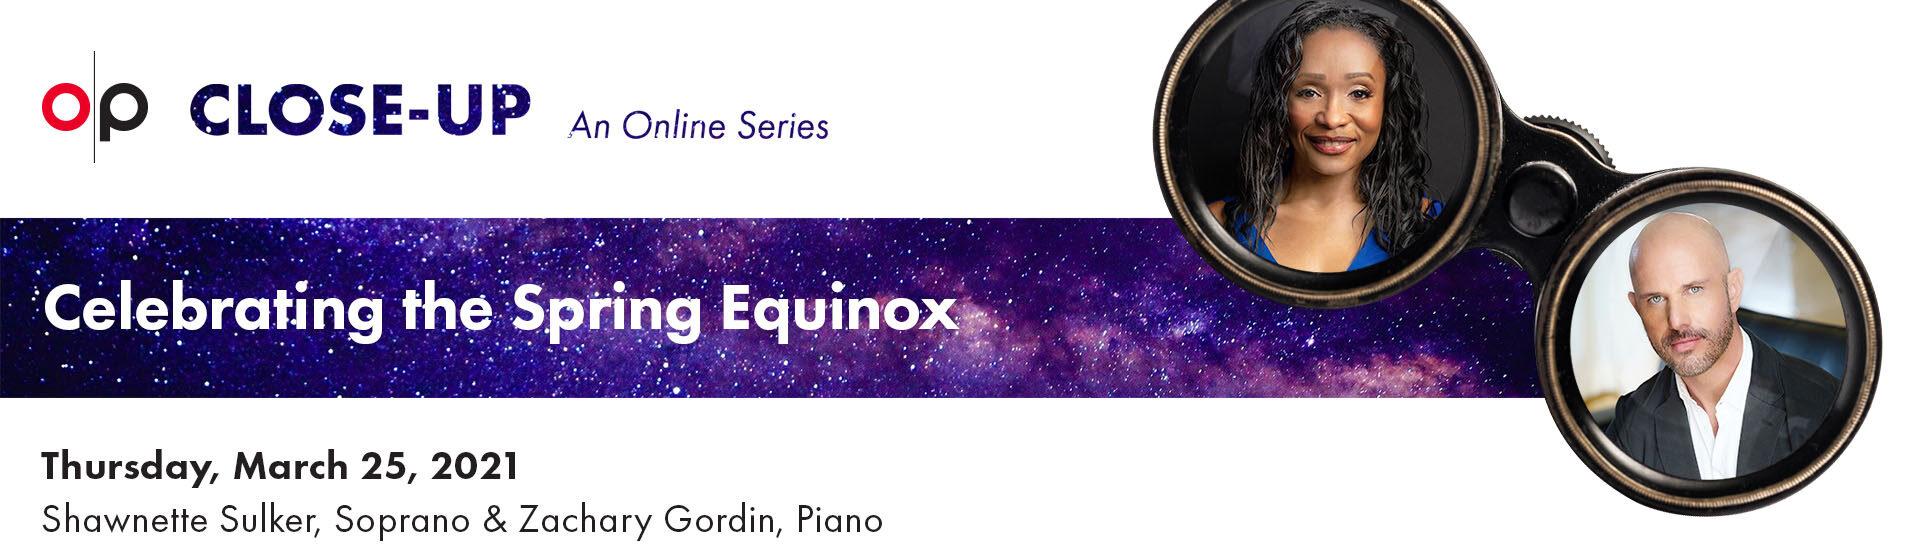 op-up-close-2021-web-bannerequinox